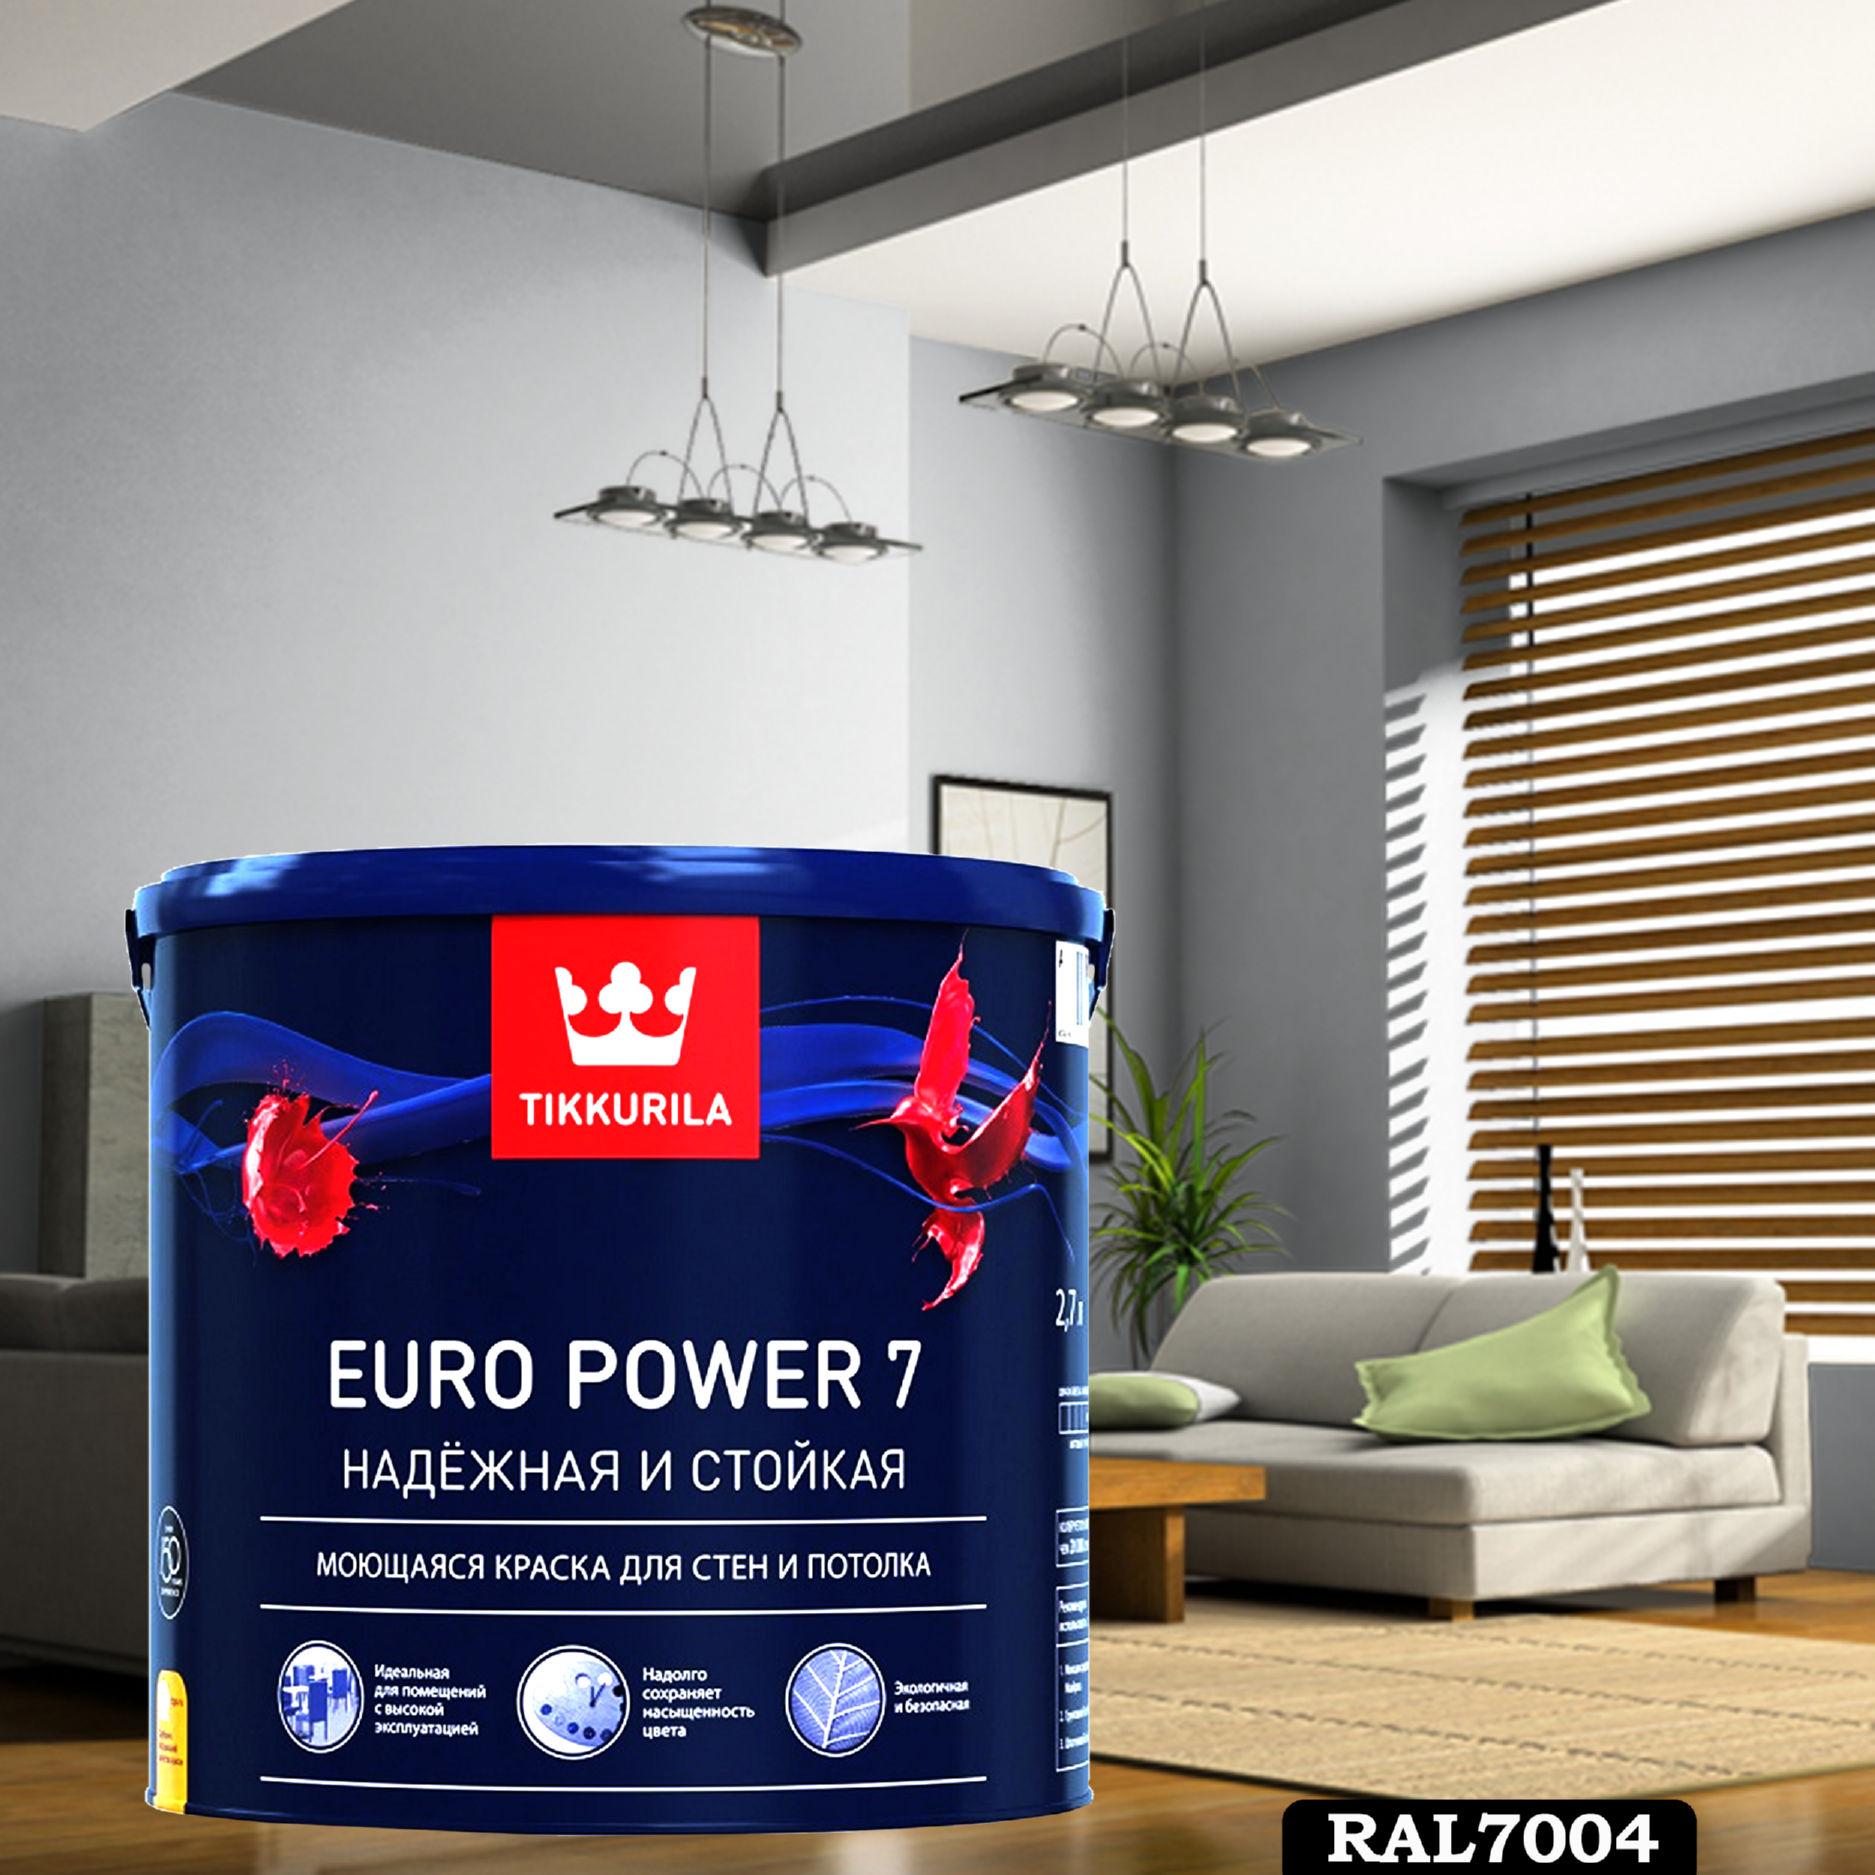 Фото 5 - Краска TIKKURILA Euro Power 7,  RAL 7004 Серый-сигнальный, латексная моющаяся матовая интерьерная, 9 л.